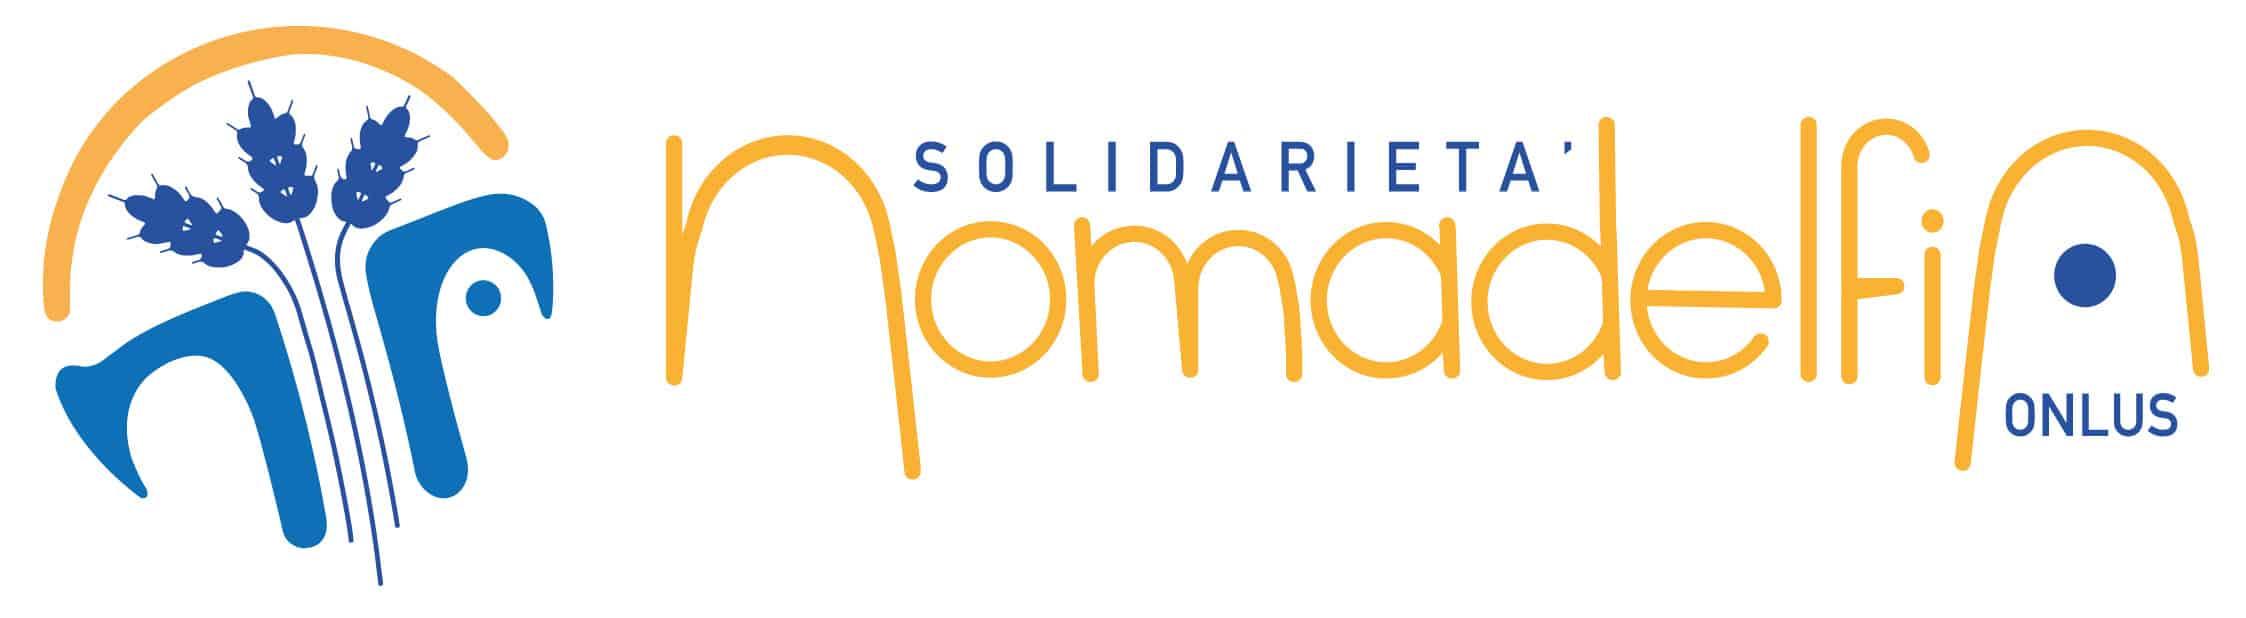 Solidarietà Nomadelfia Onlus